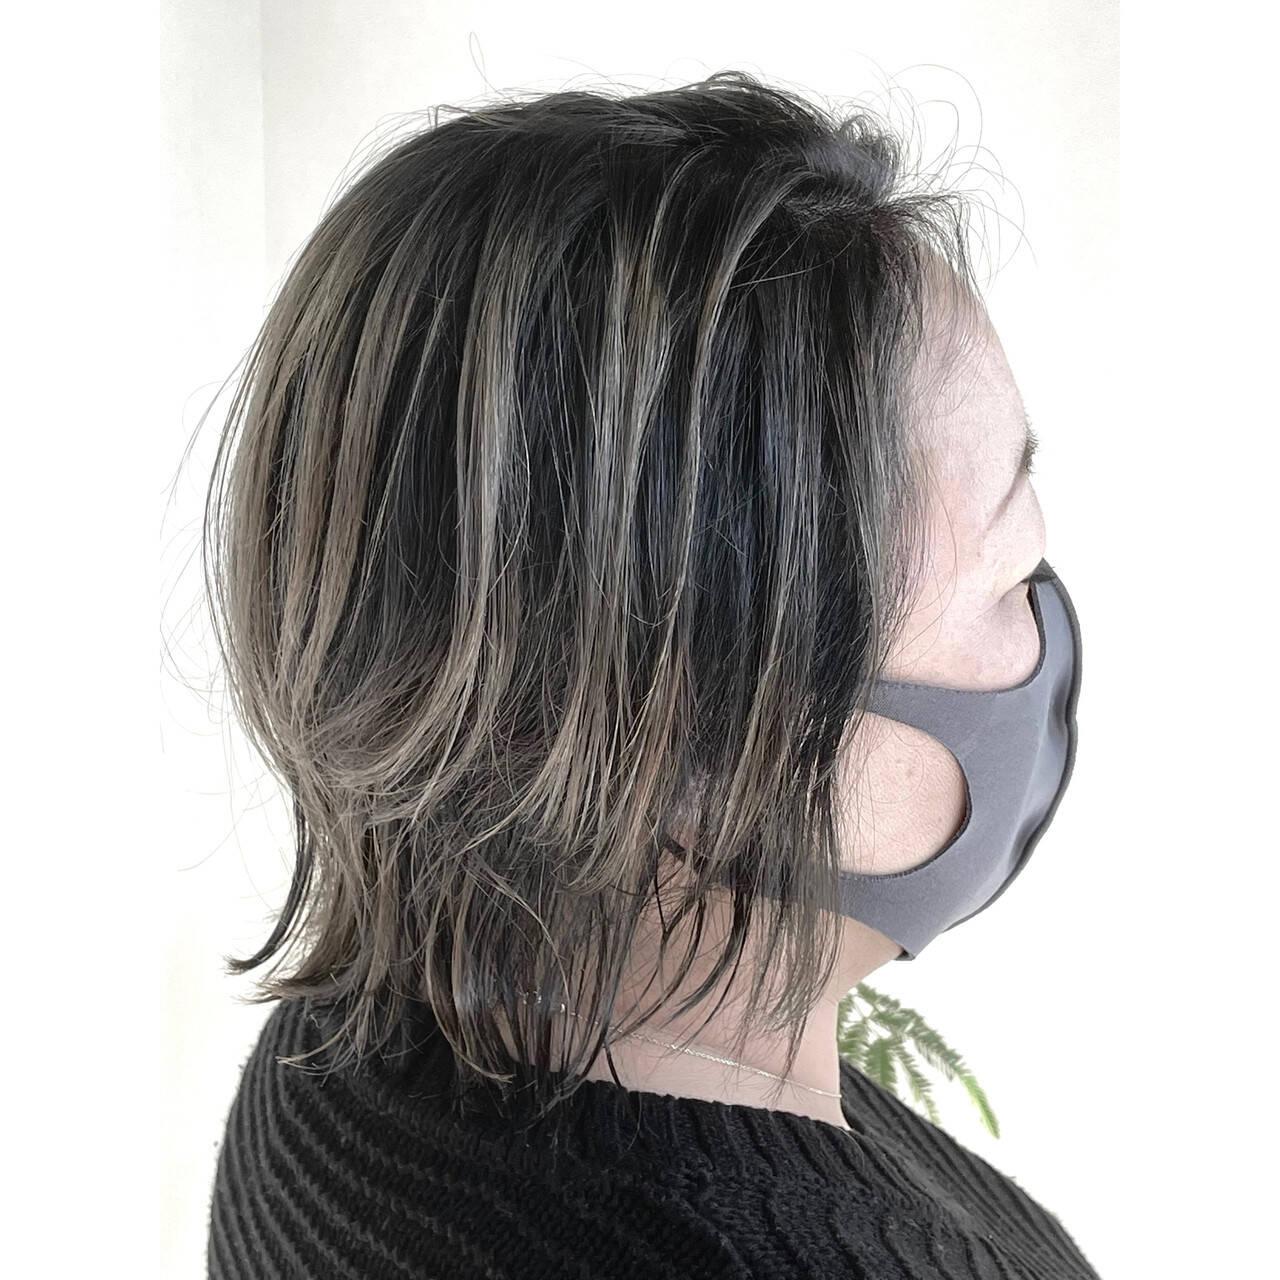 バレイヤージュ コントラストハイライト ミルクティーグレージュ アッシュグレージュヘアスタイルや髪型の写真・画像